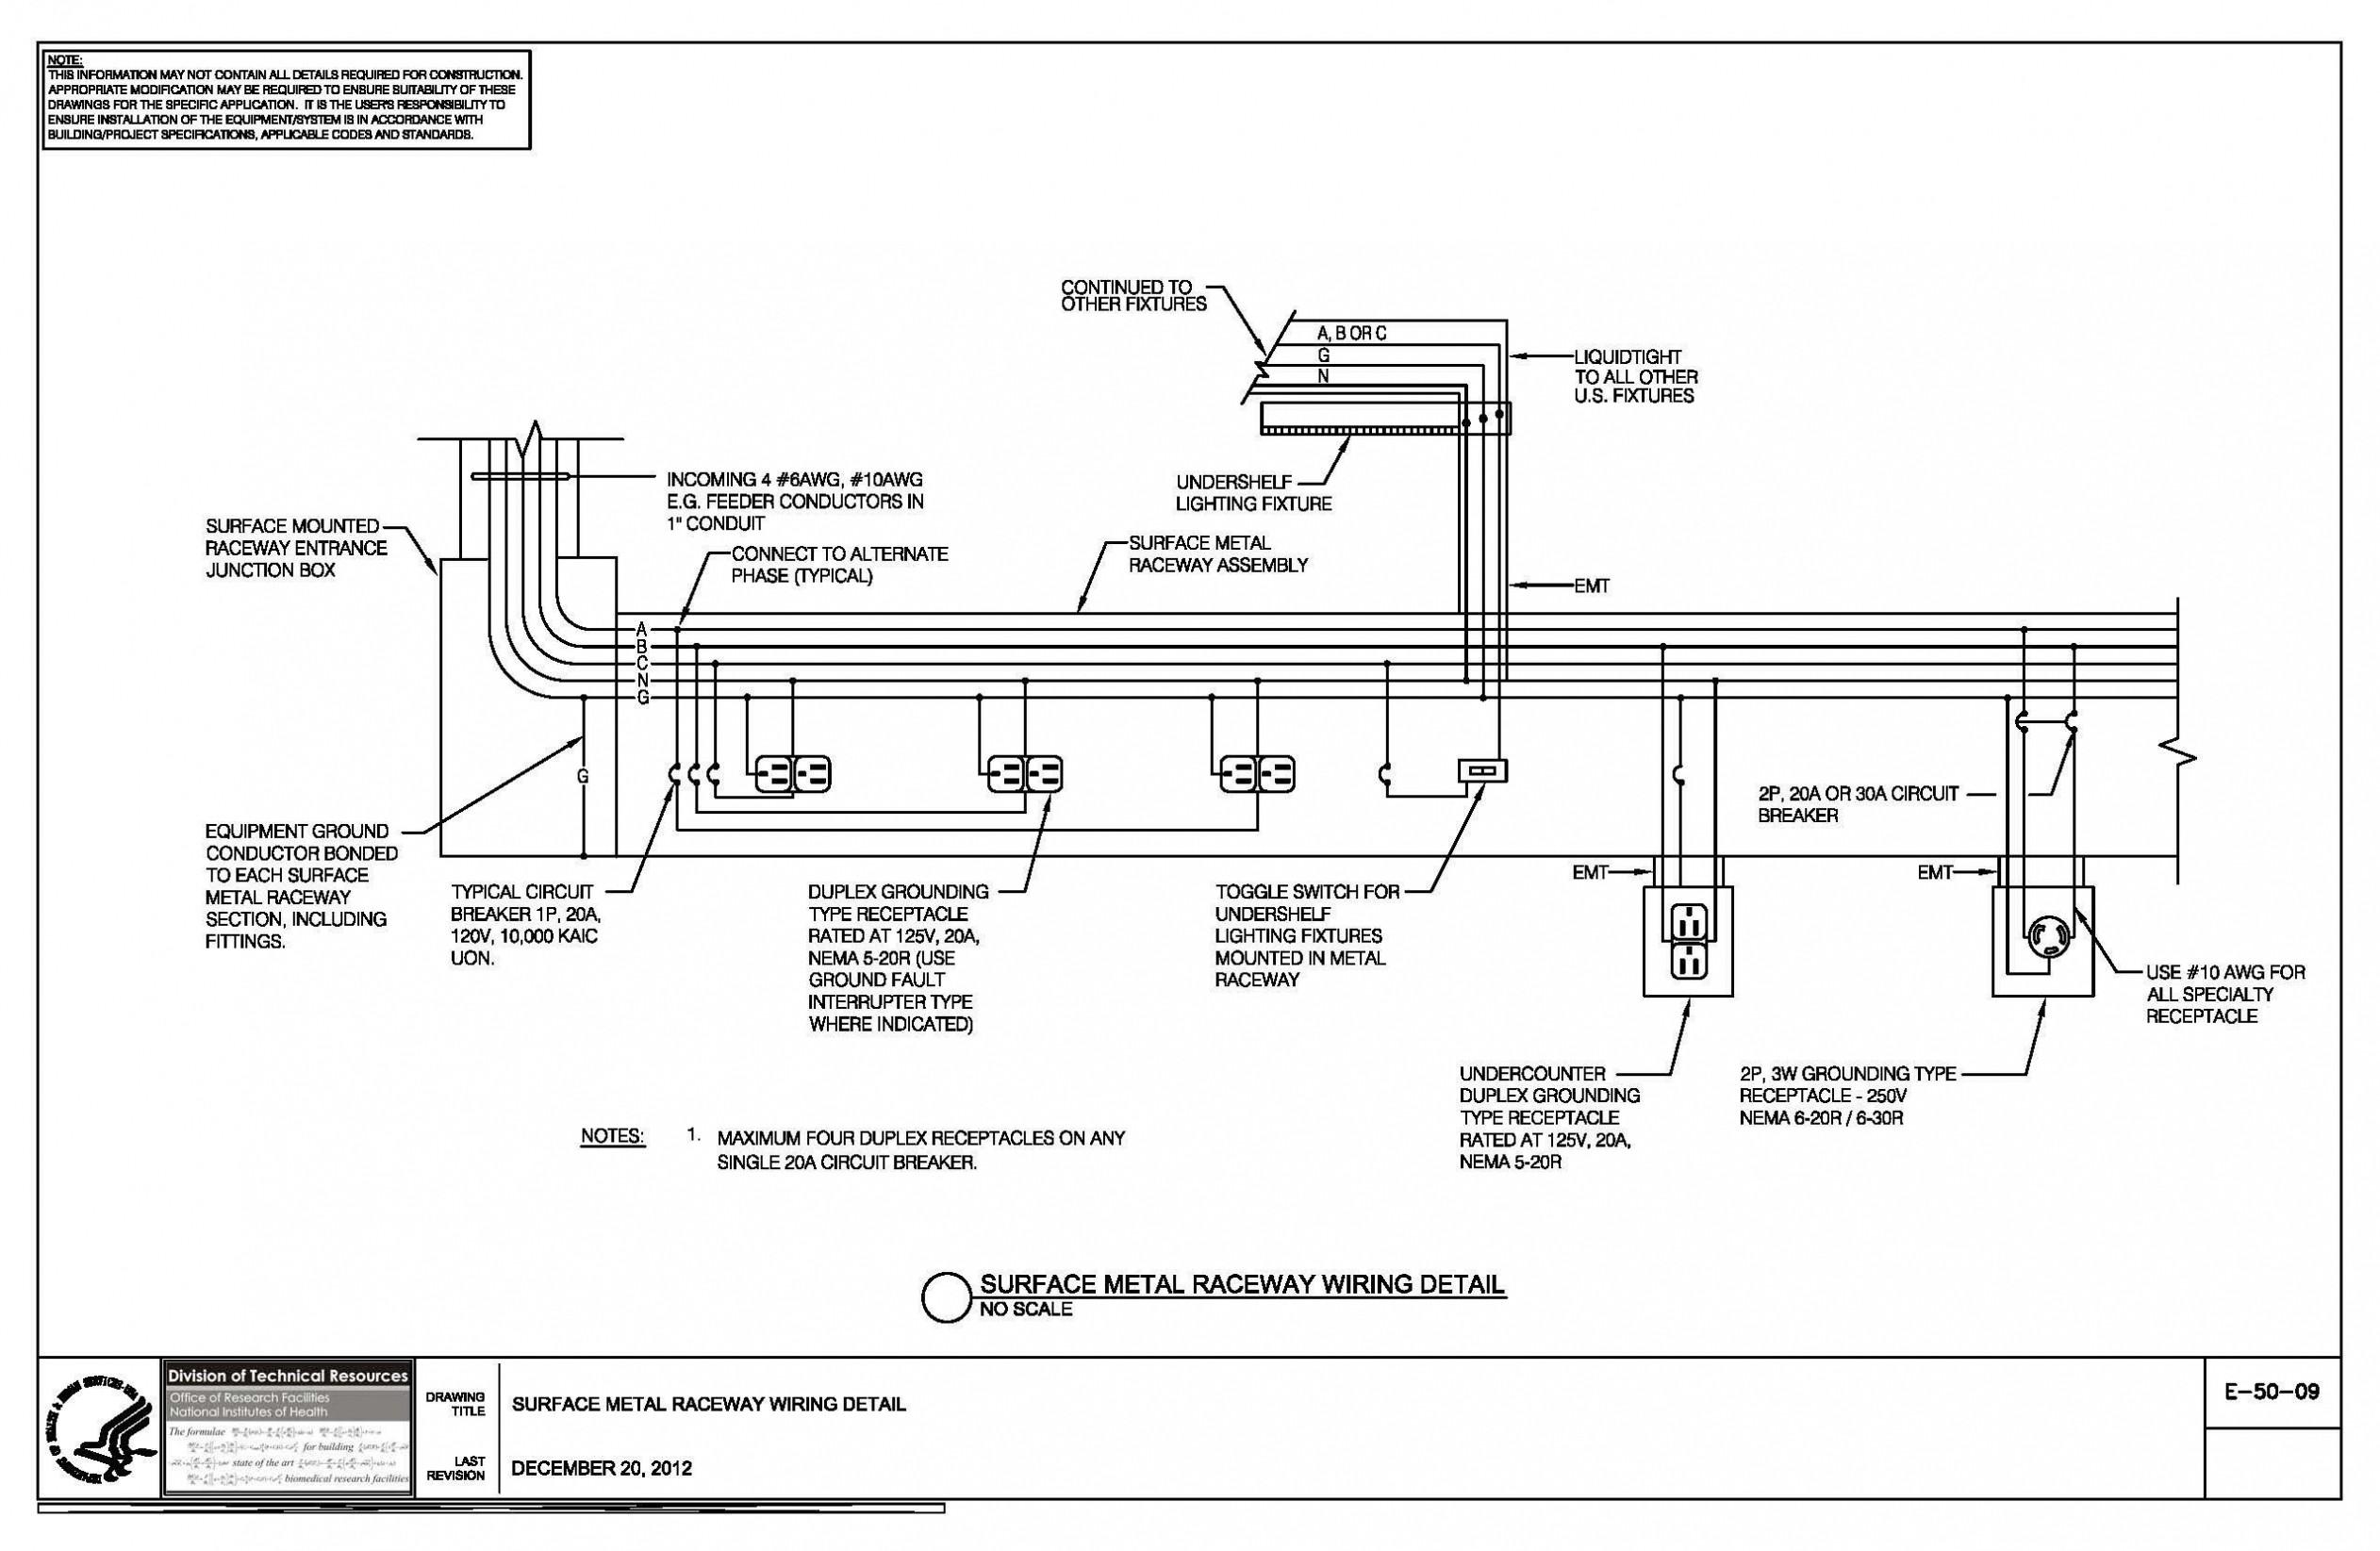 Mouse Trap Car Diagram Mousetrap Car Diagram — Daytonva150 Of Mouse Trap Car Diagram